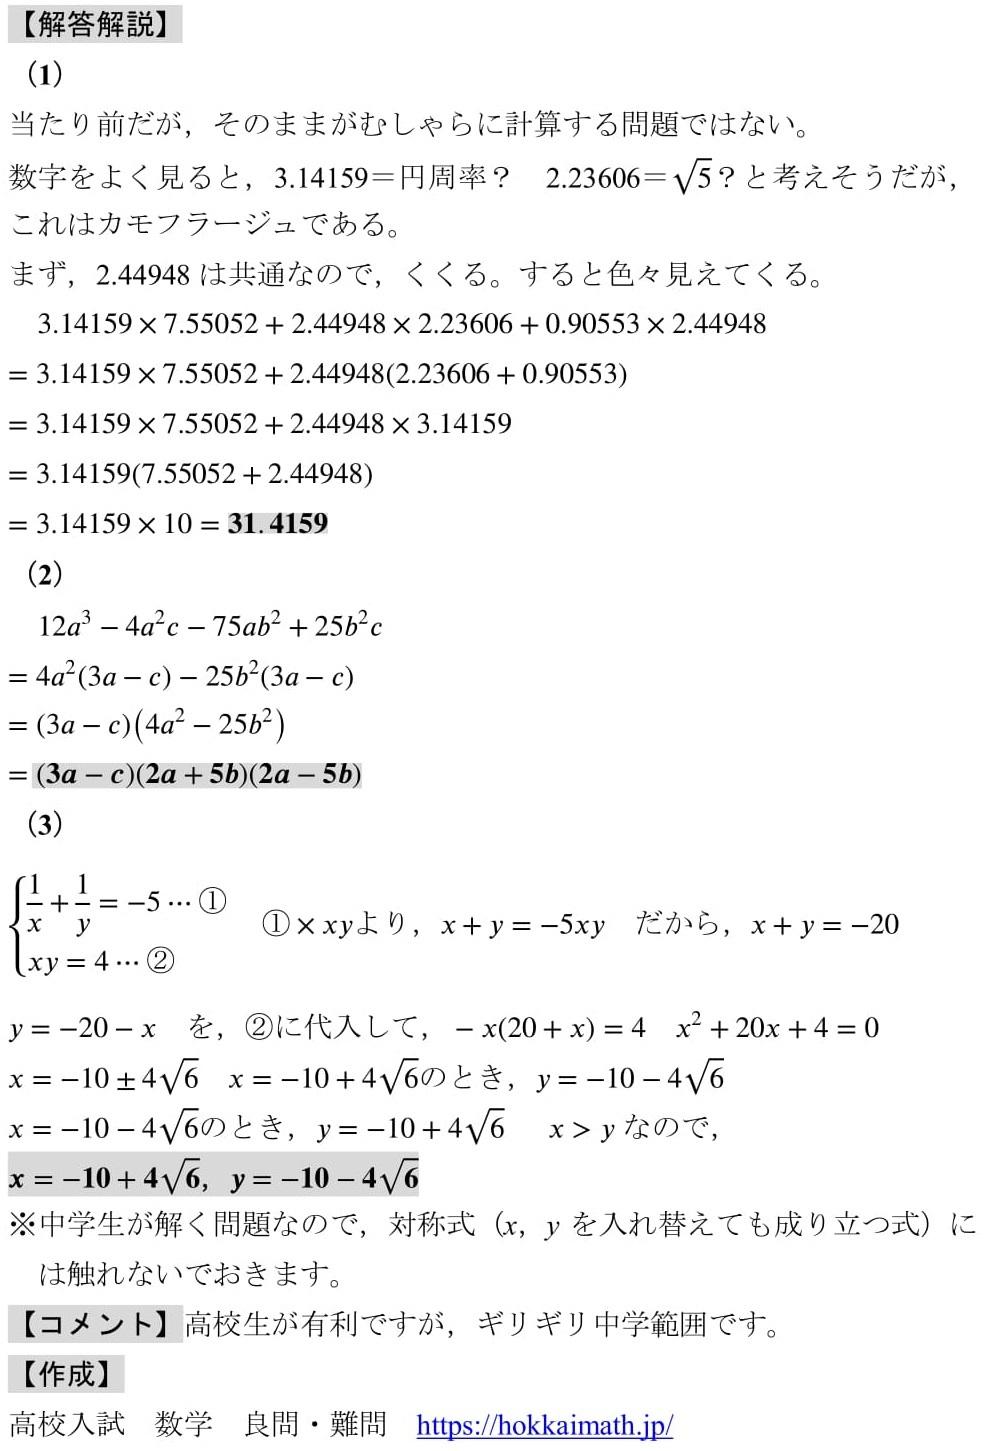 2018 開成高校 高校入試 過去問 数学 大問1 解答 解説